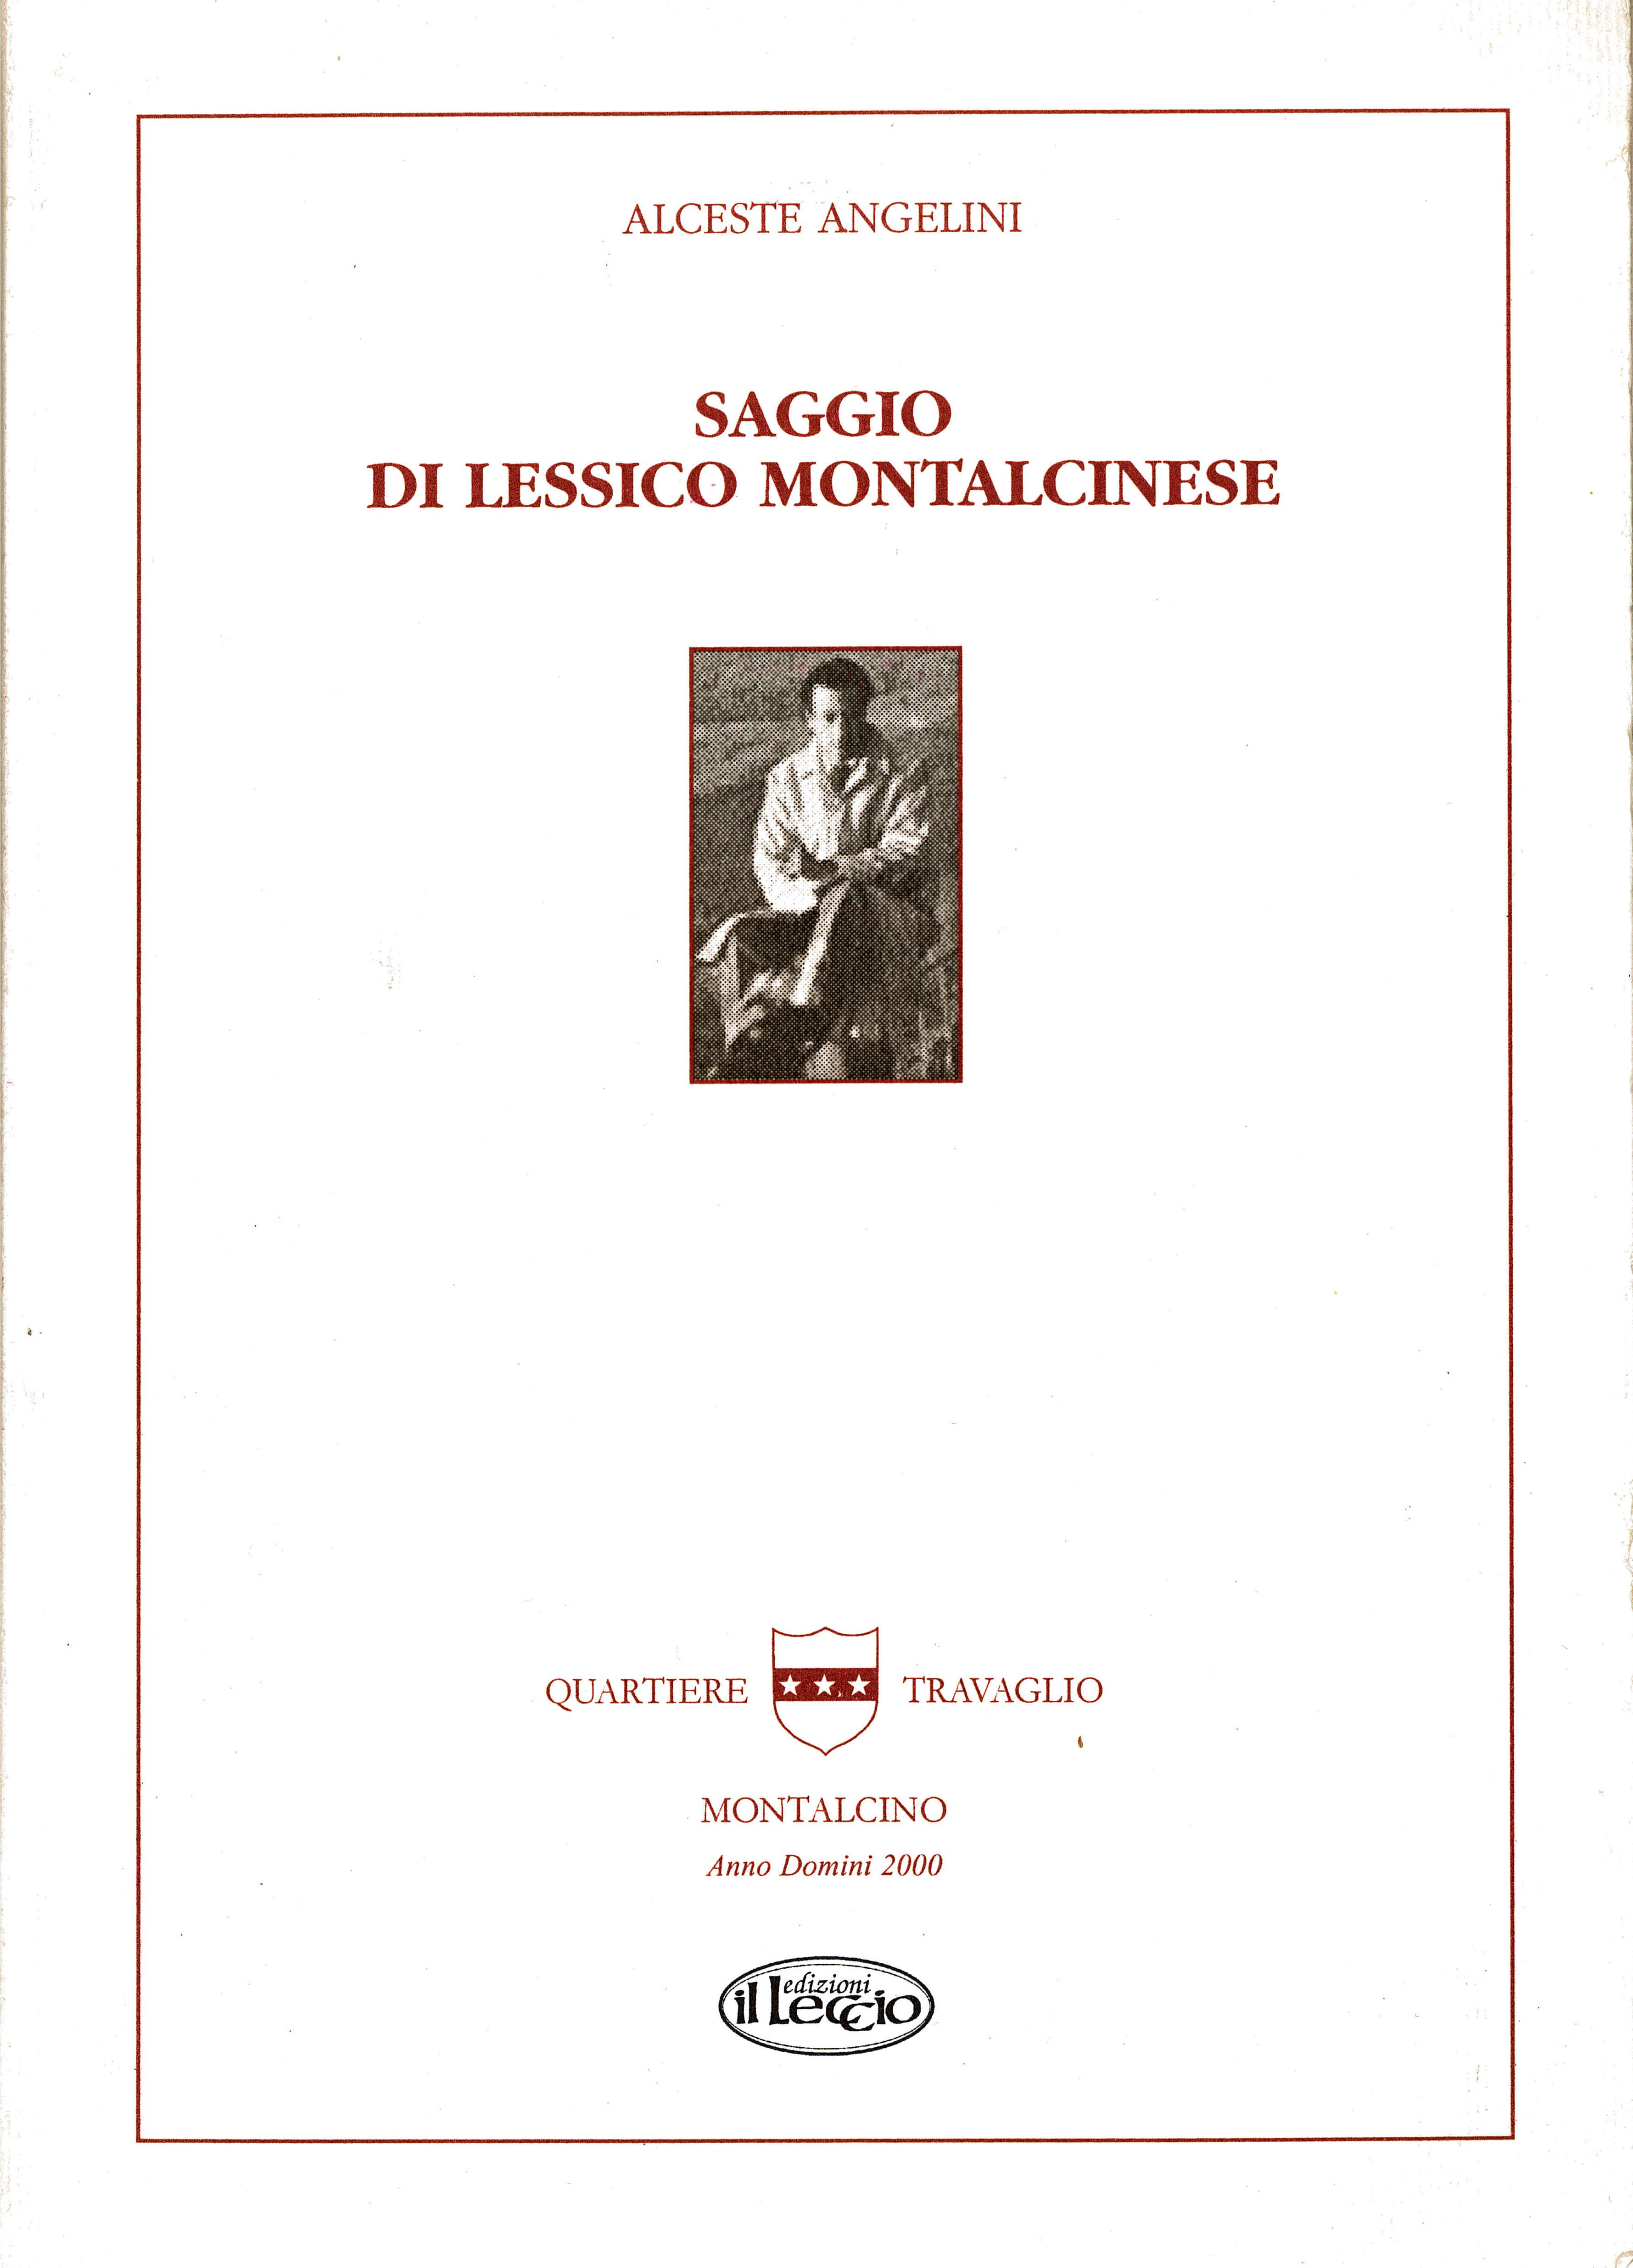 Alceste Angelini